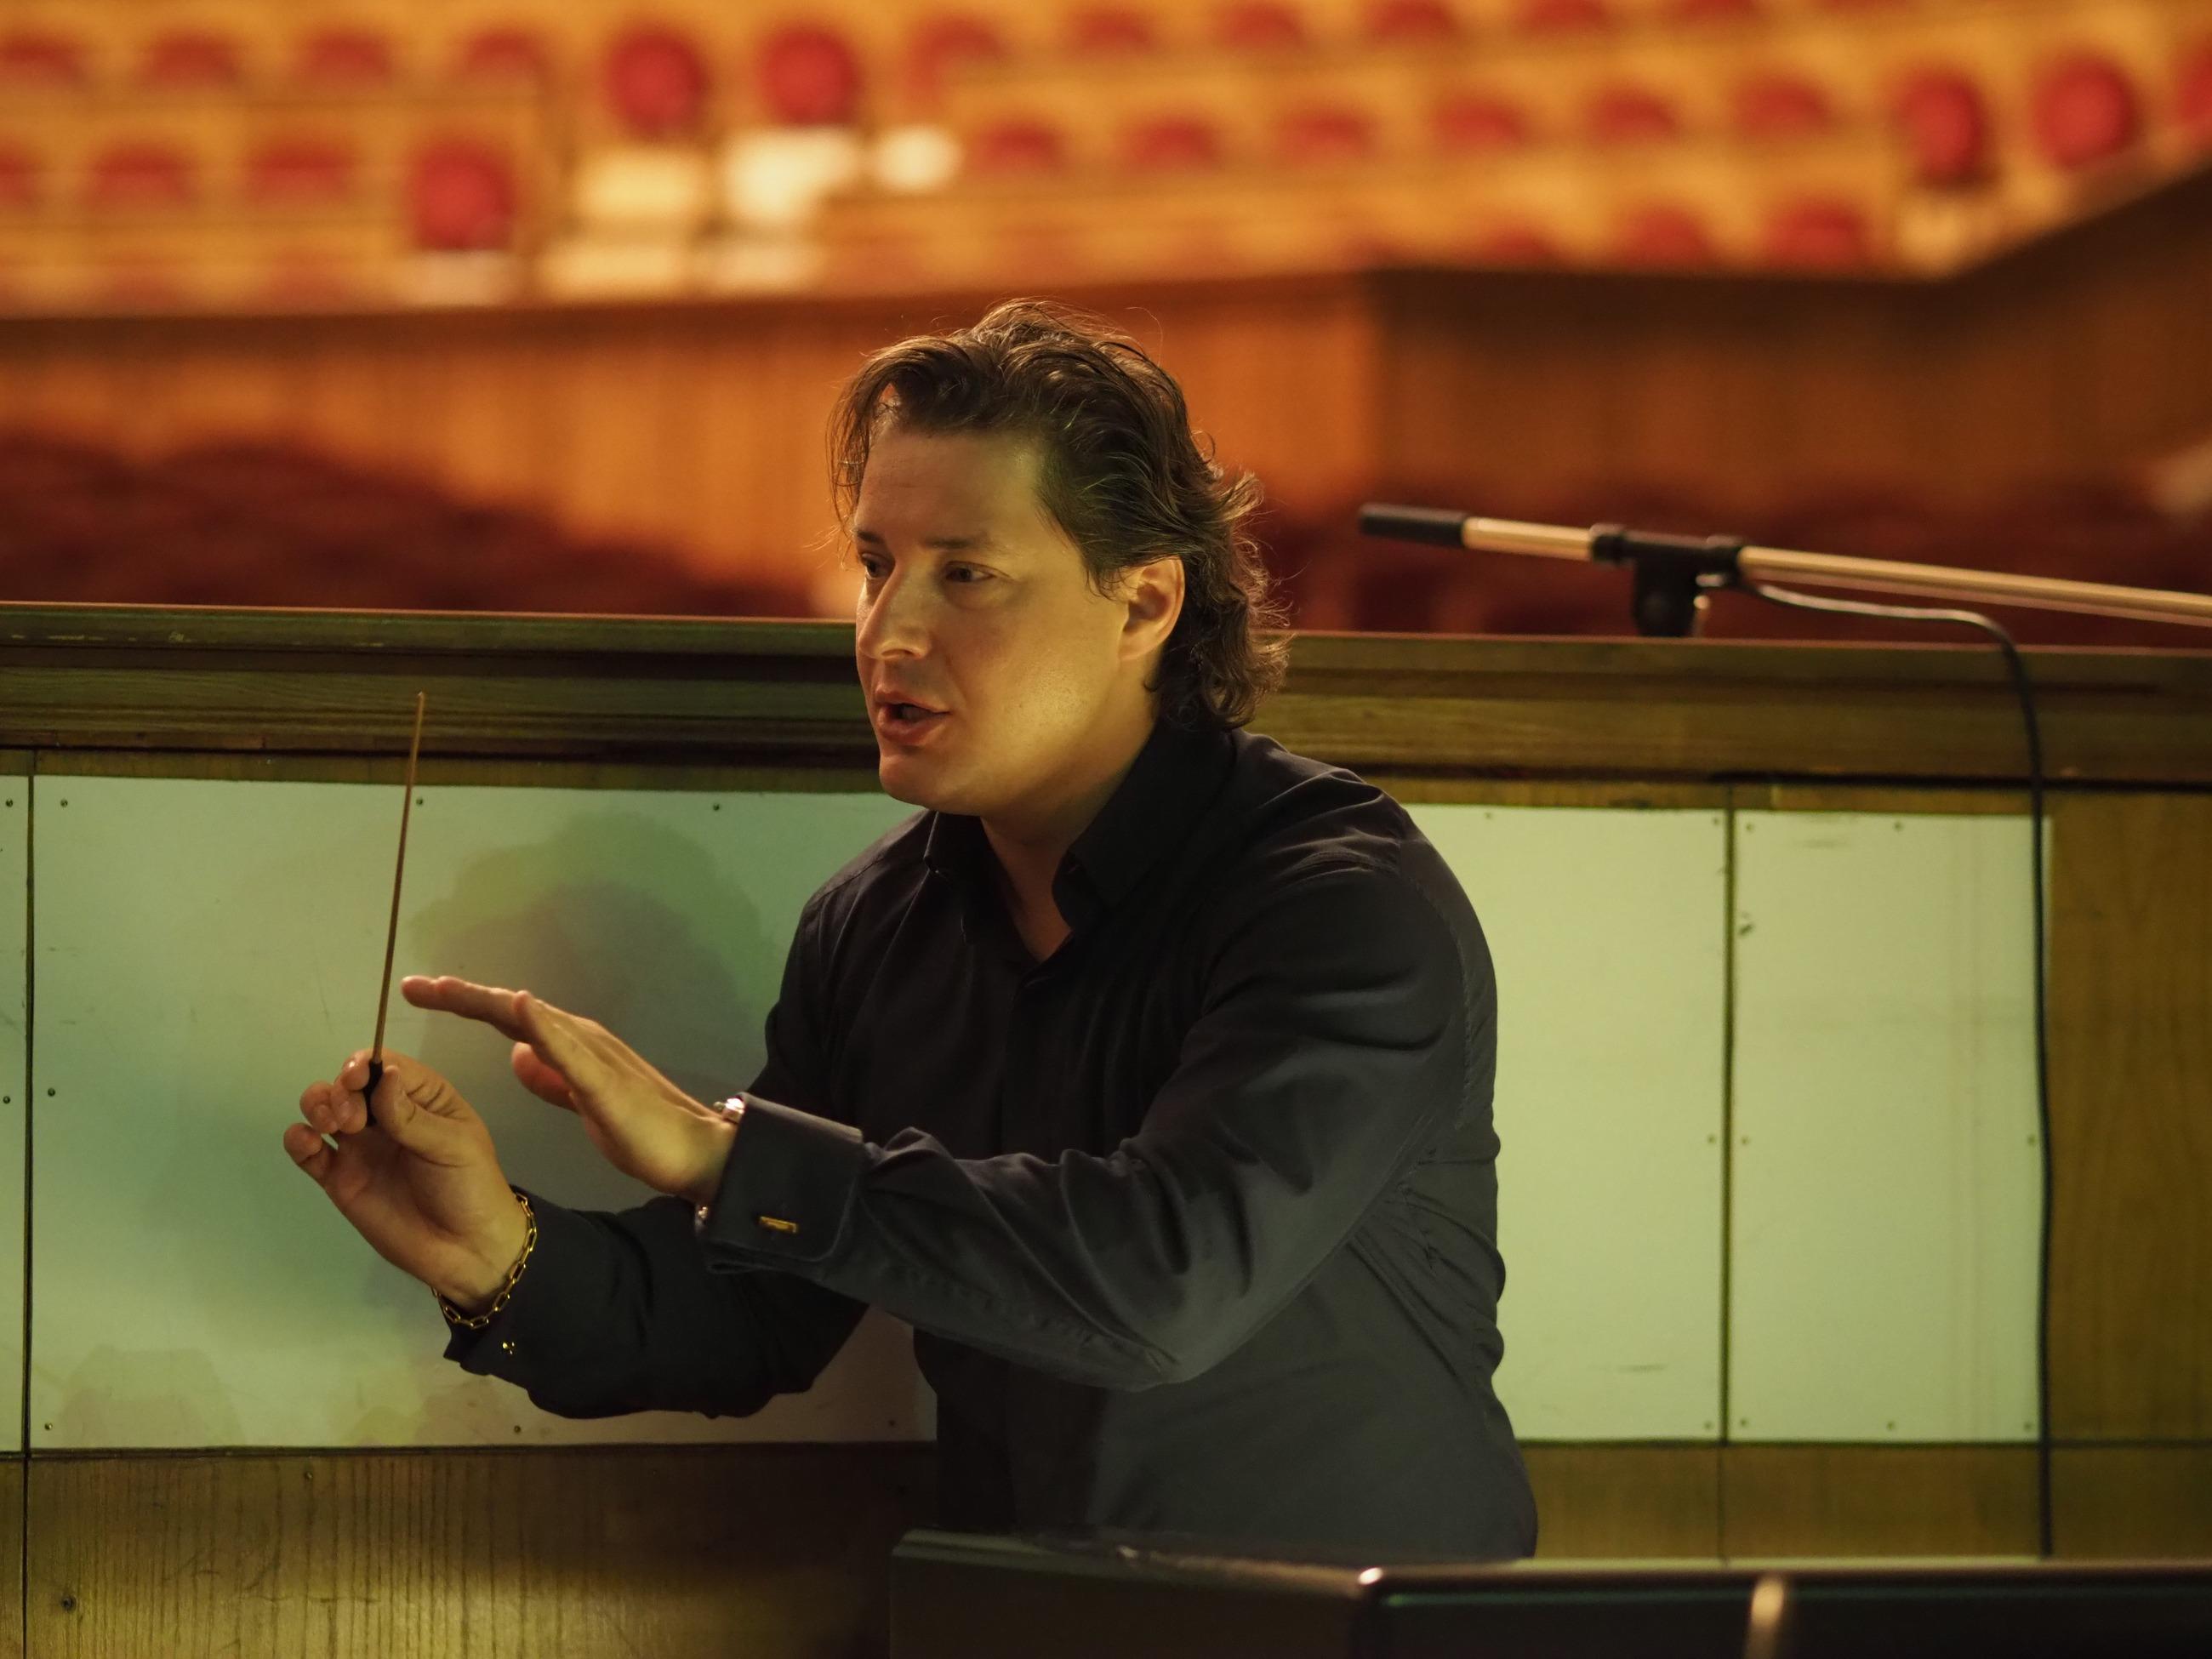 Дмитрий Корчак: «Как я вижу своё присутствие в НОВАТе»